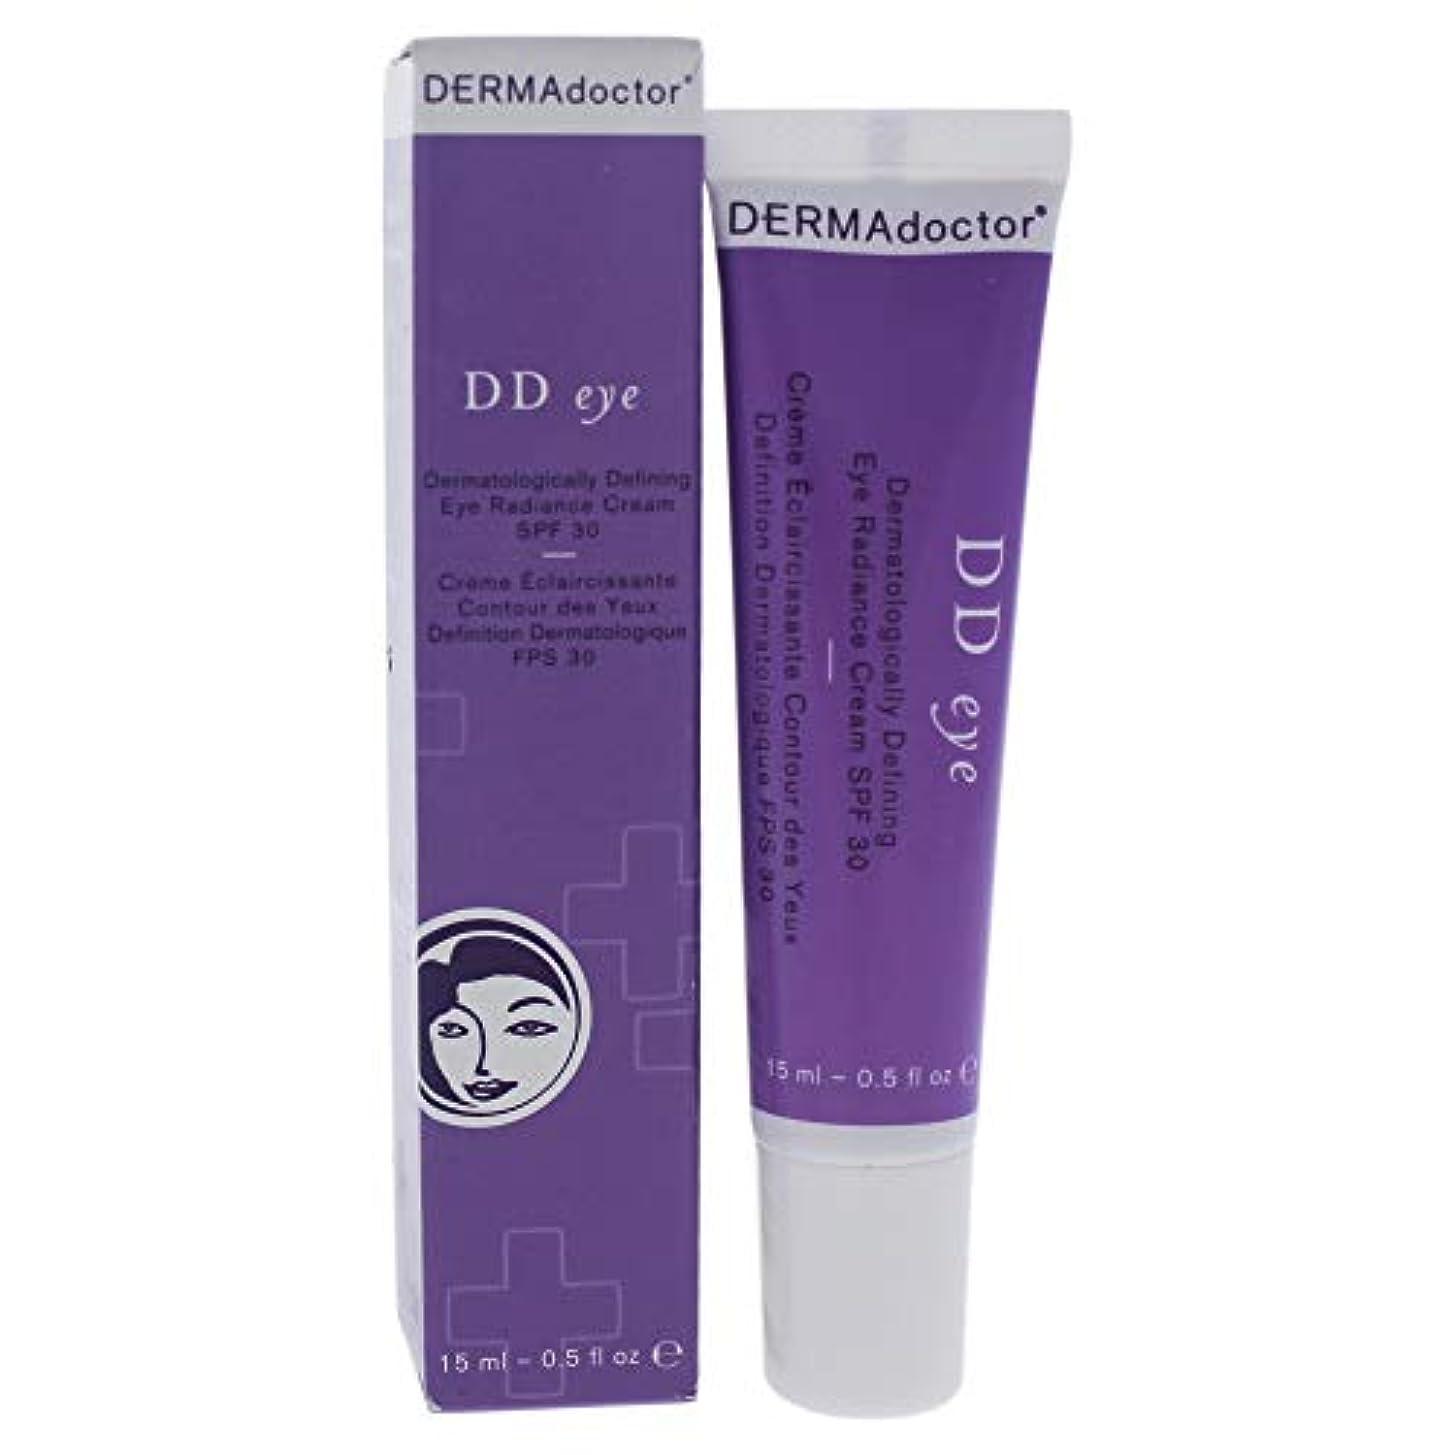 過度に構築する特性DD Eye Dermatologically Defining Radiance Cream SPF 30